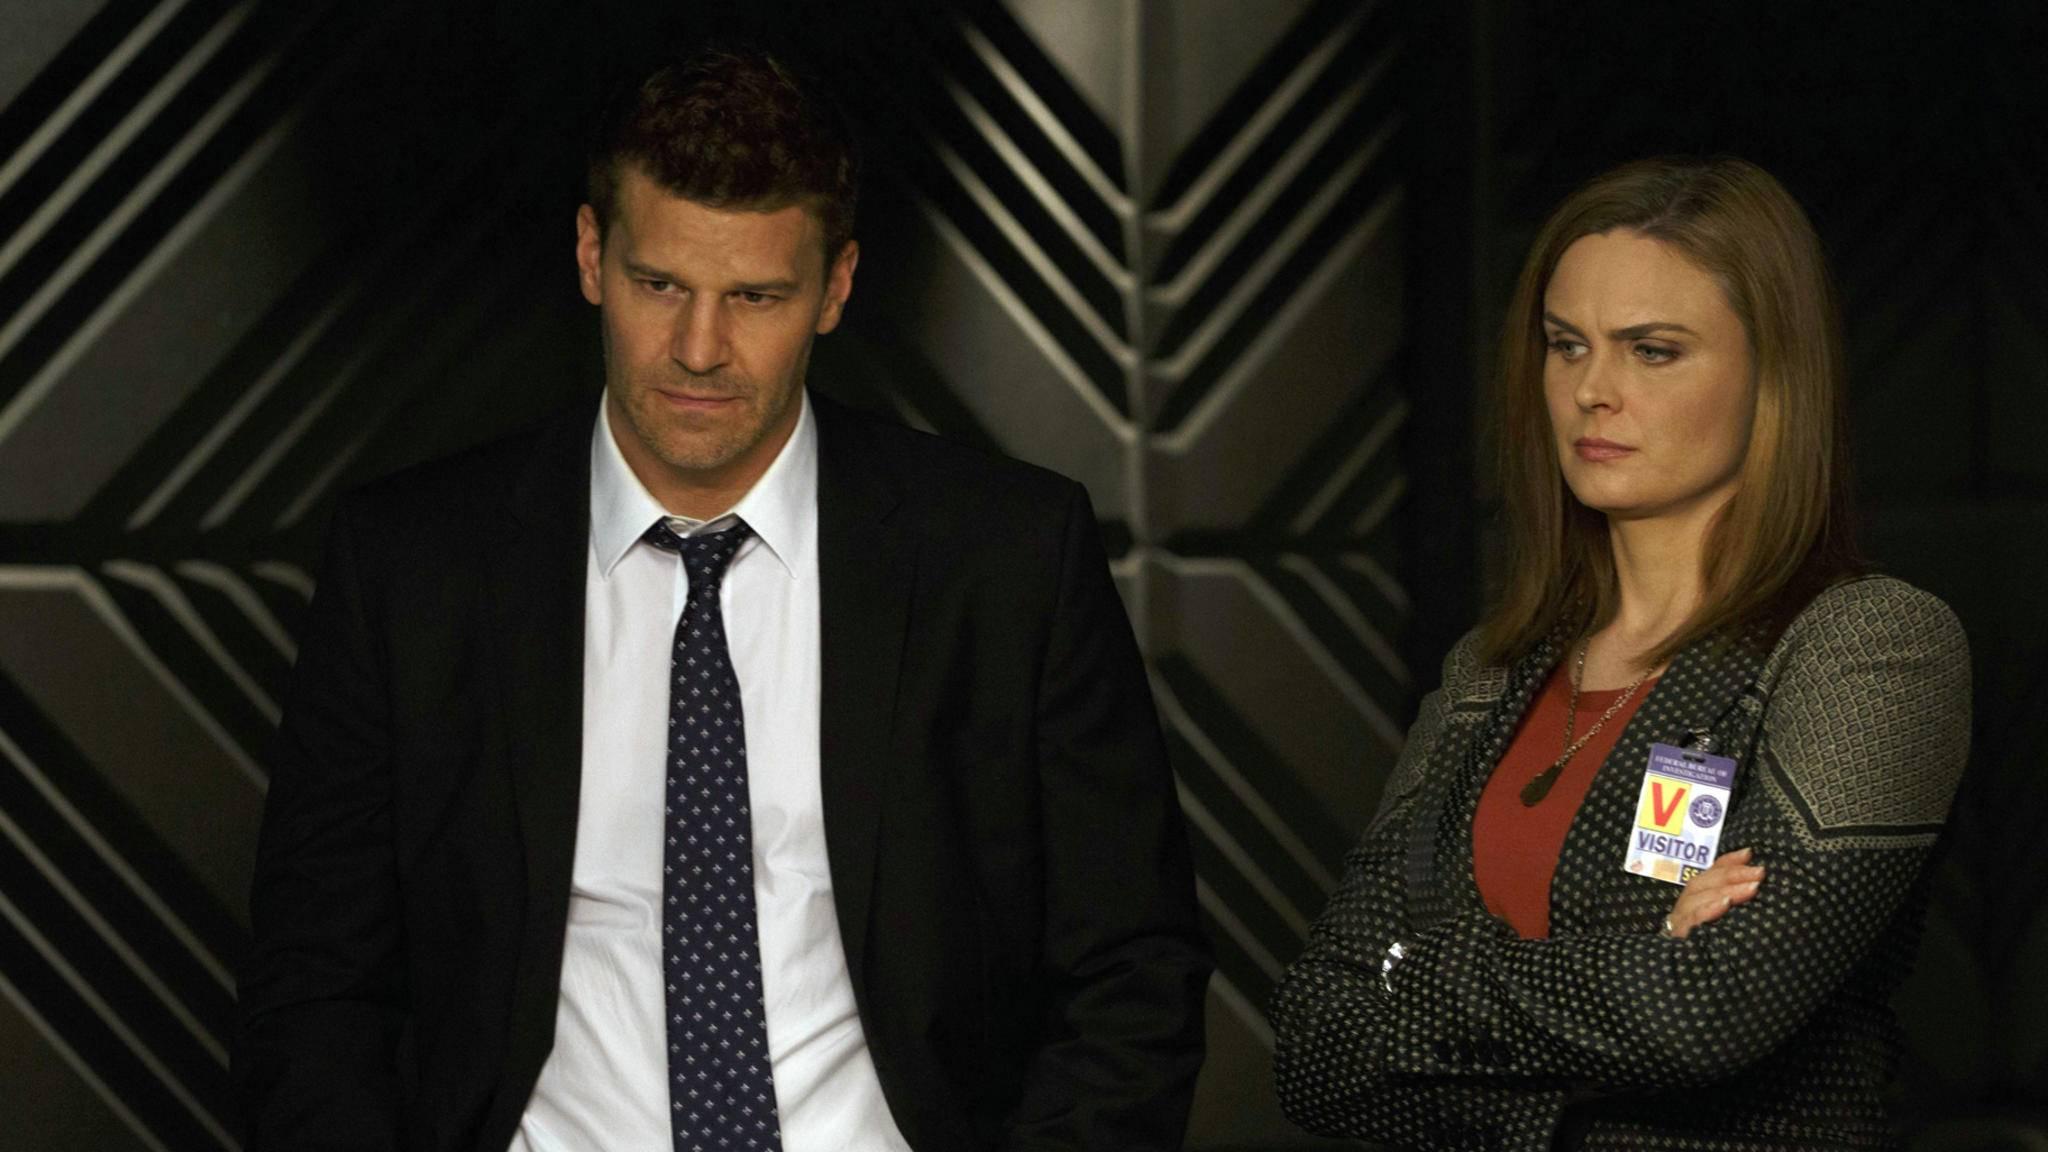 Seeley Booth (l.) und Temperance Brennan (r.) haben möglicherweise noch nicht ihren letzten Einsatz hinter sich.